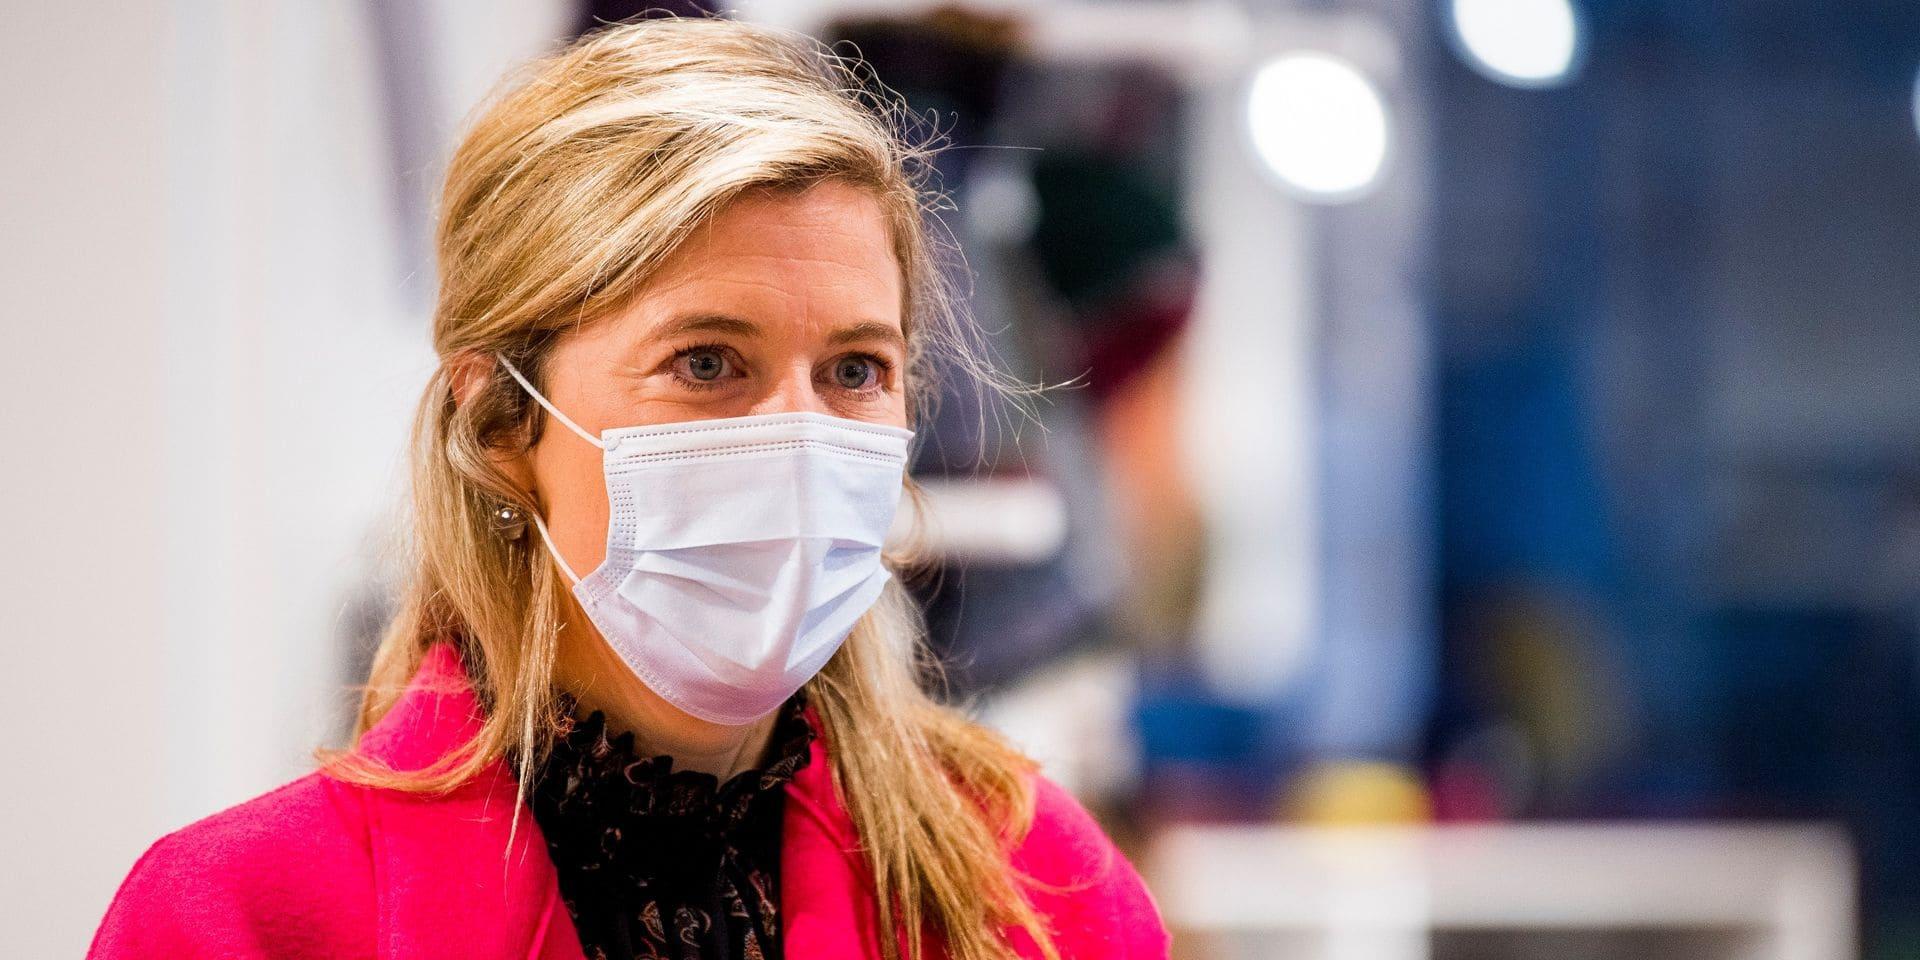 """Annelies Verlinden revient sur les nombreux rassemblements interdits : """"Il faut que cela cesse"""""""